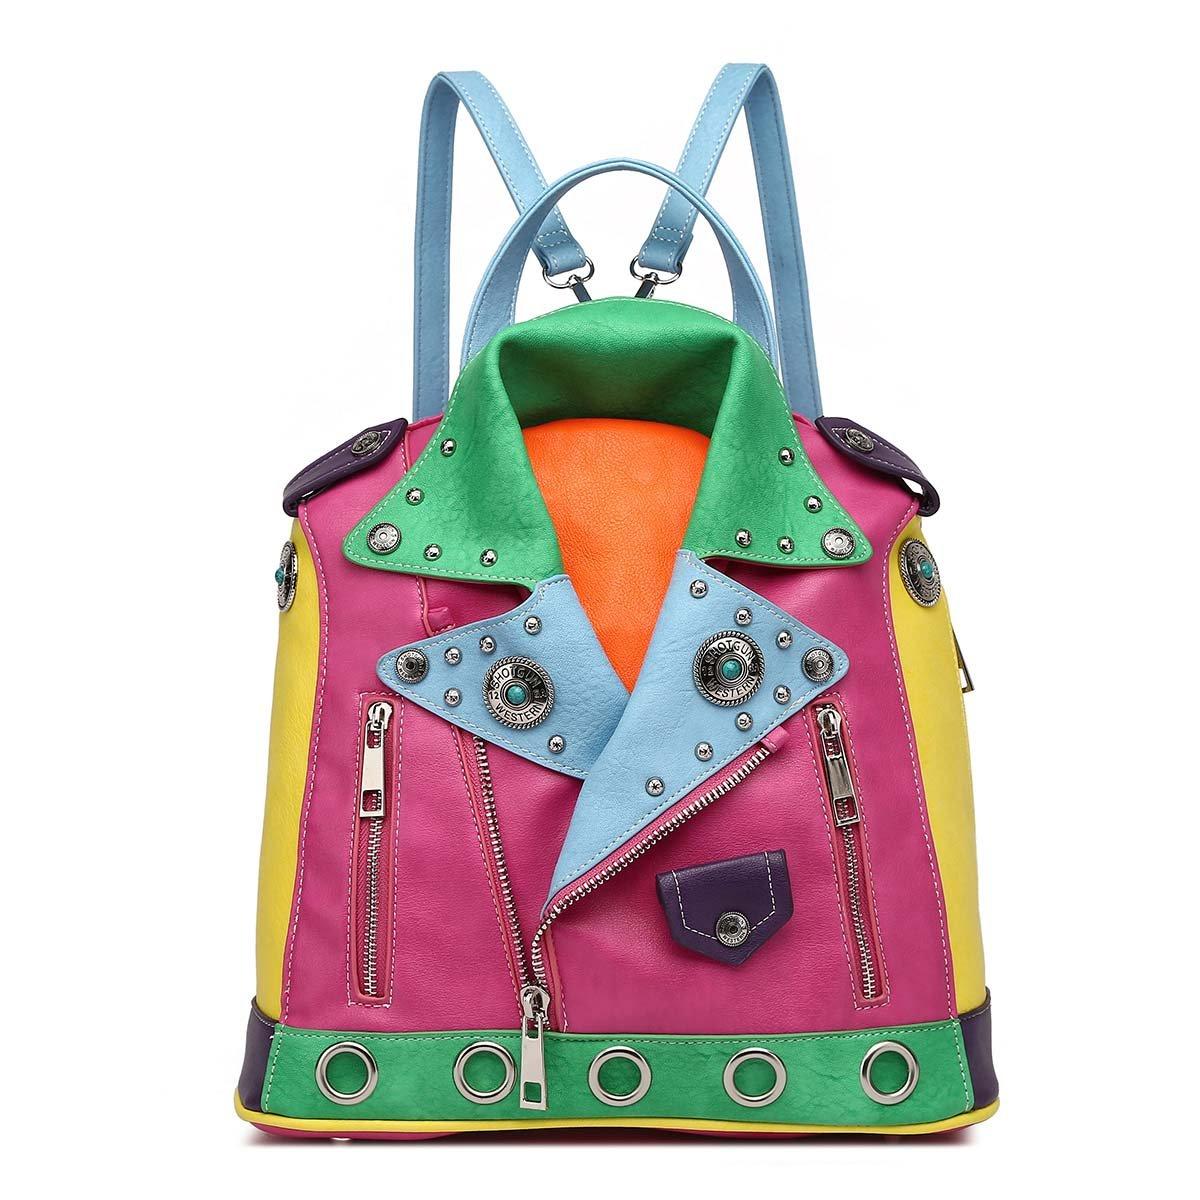 Studded Multi Color Zipper Biker Backpack W/ Adjustable Shoulder Straps